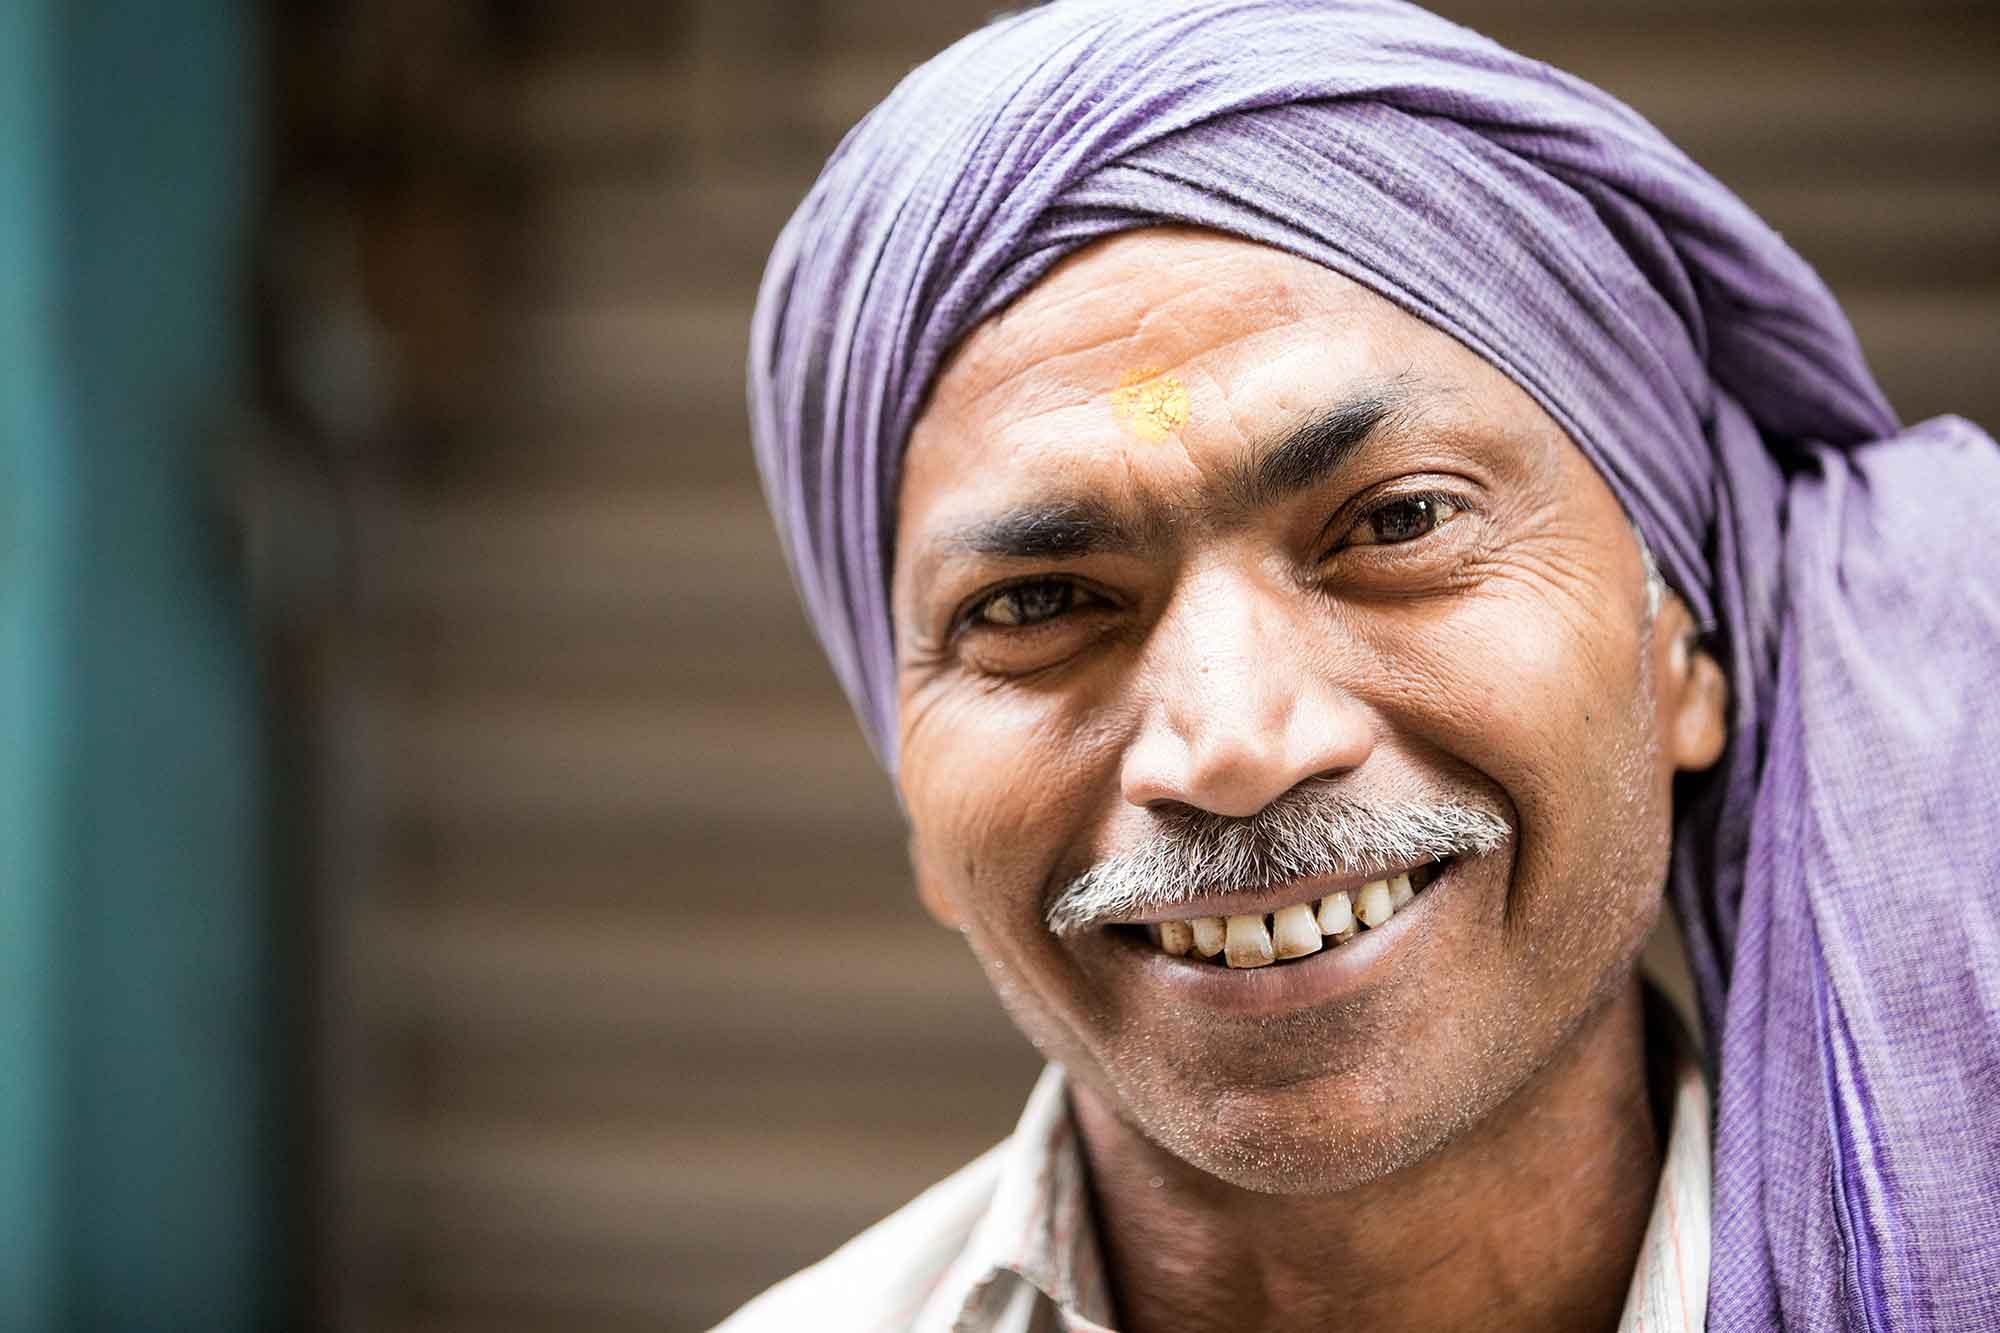 portrait-Mechhua-Fruit-Market-worker-kolkata-india